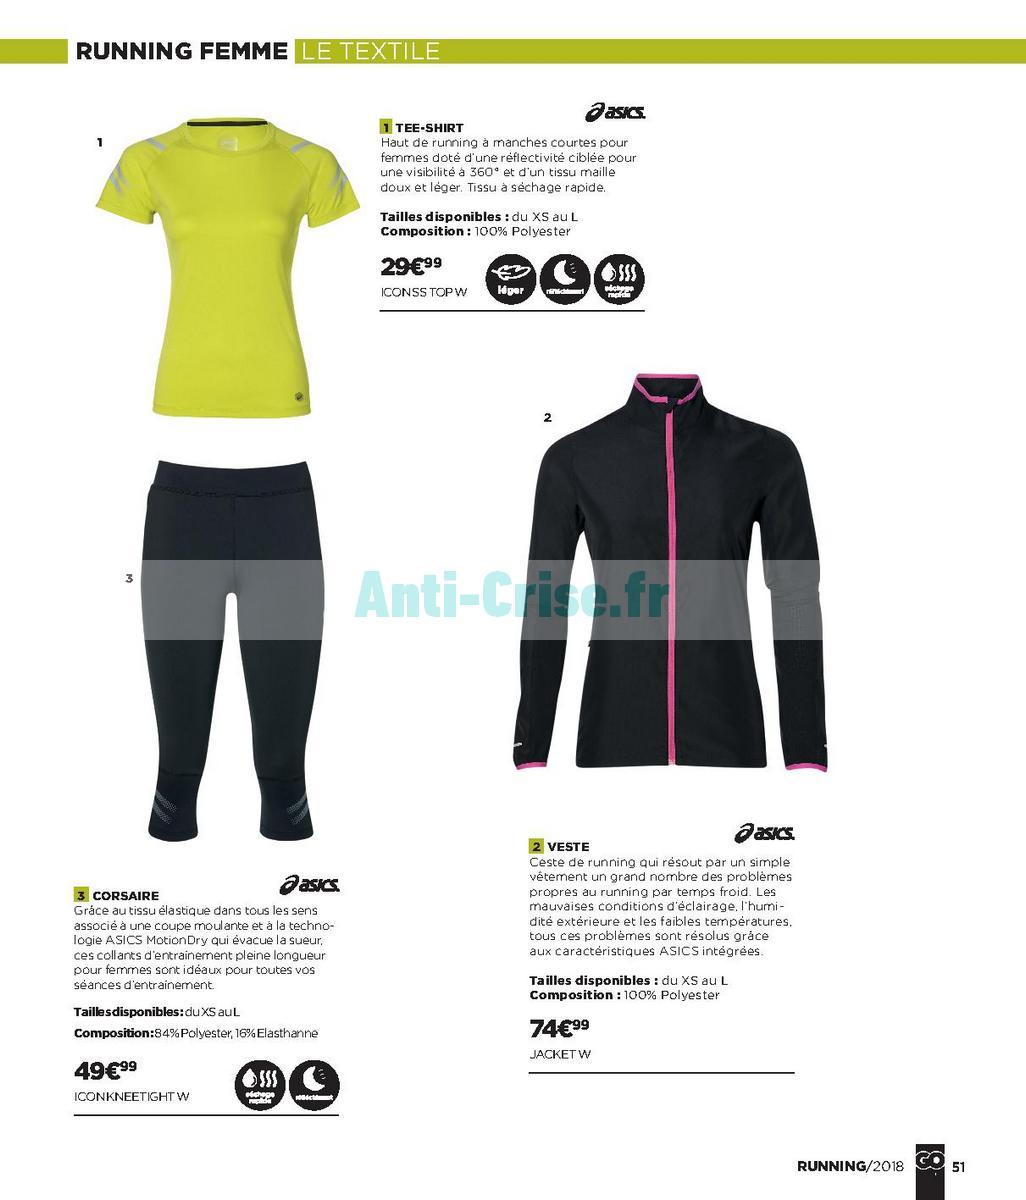 septembre2018 Catalogue Go Sport du 28 avril au 21 septembre 2018 (Running) (51)